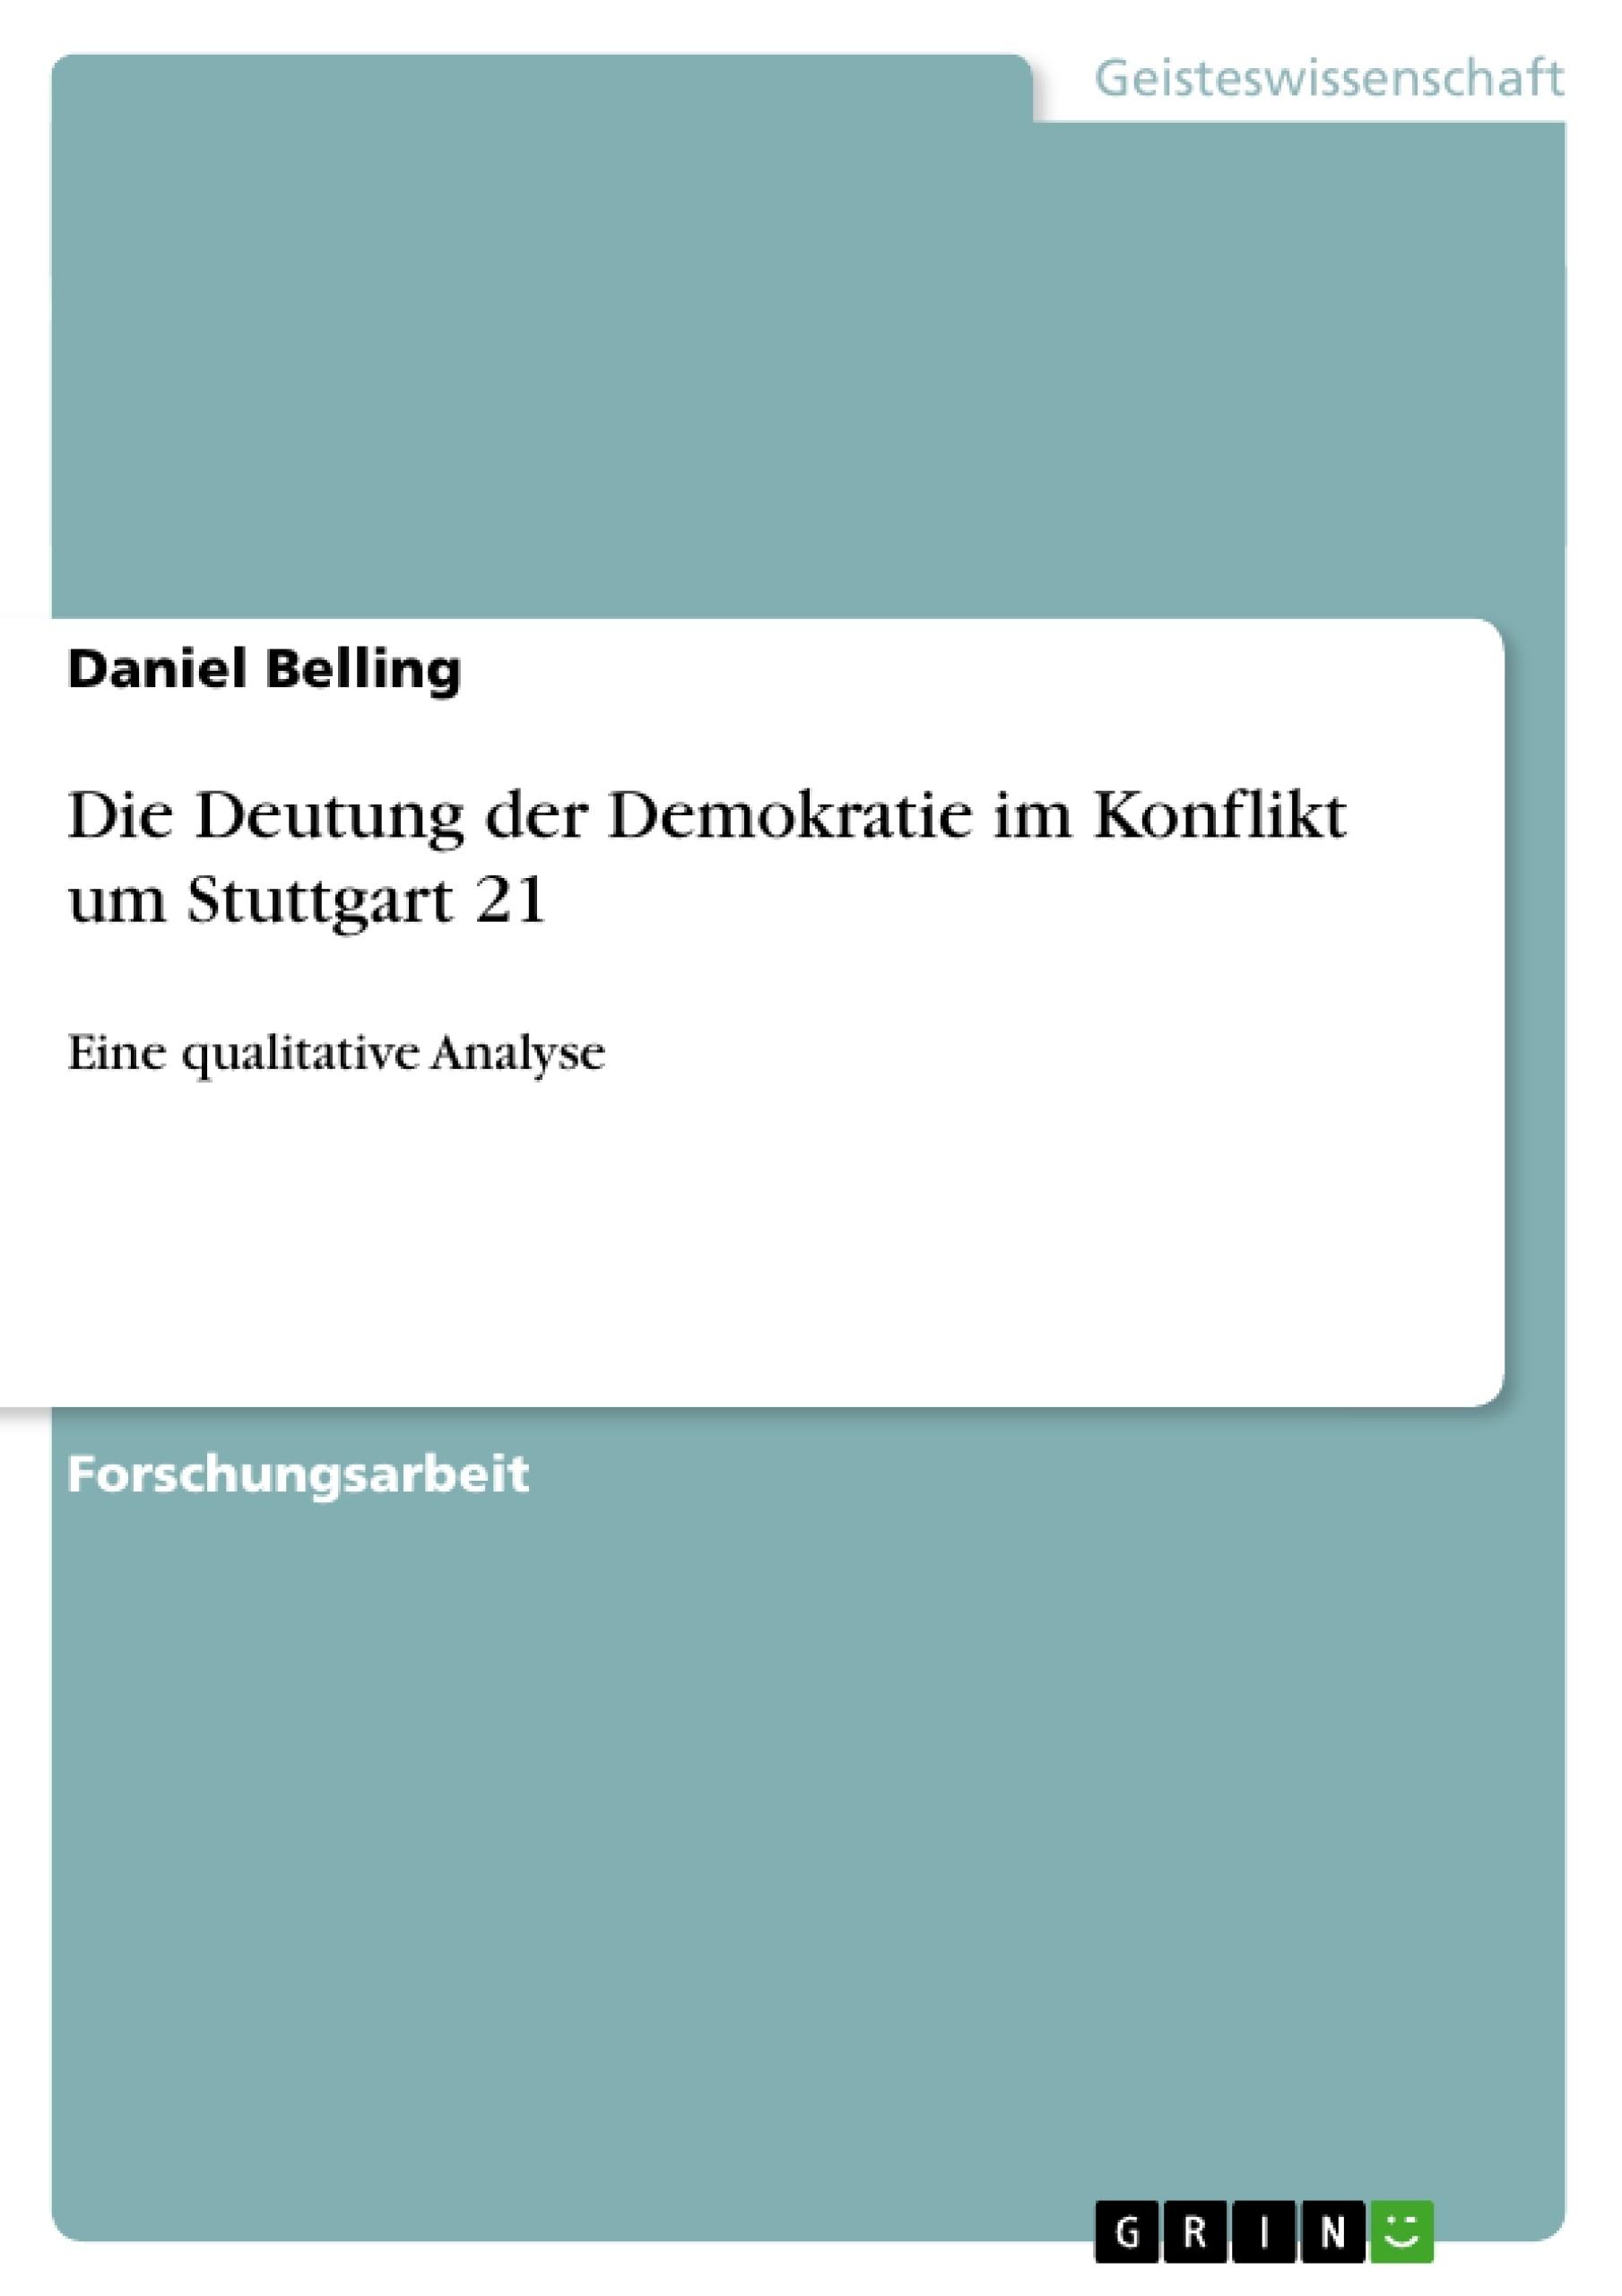 Titel: Die Deutung der Demokratie im Konflikt um Stuttgart 21